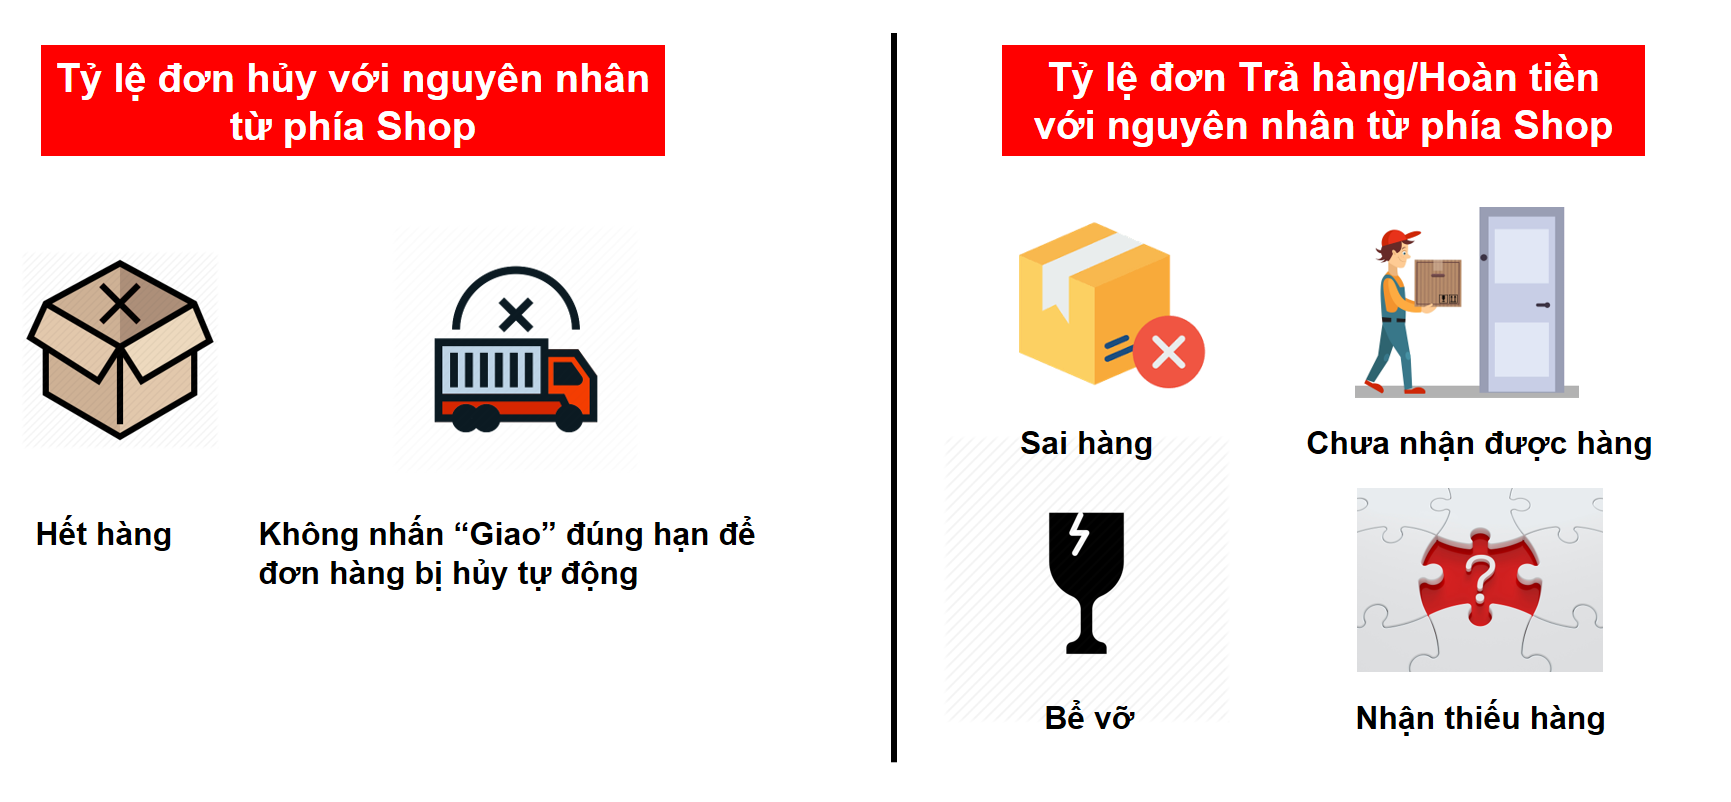 thuong-mai-dien-tu-ty-le-huy-don